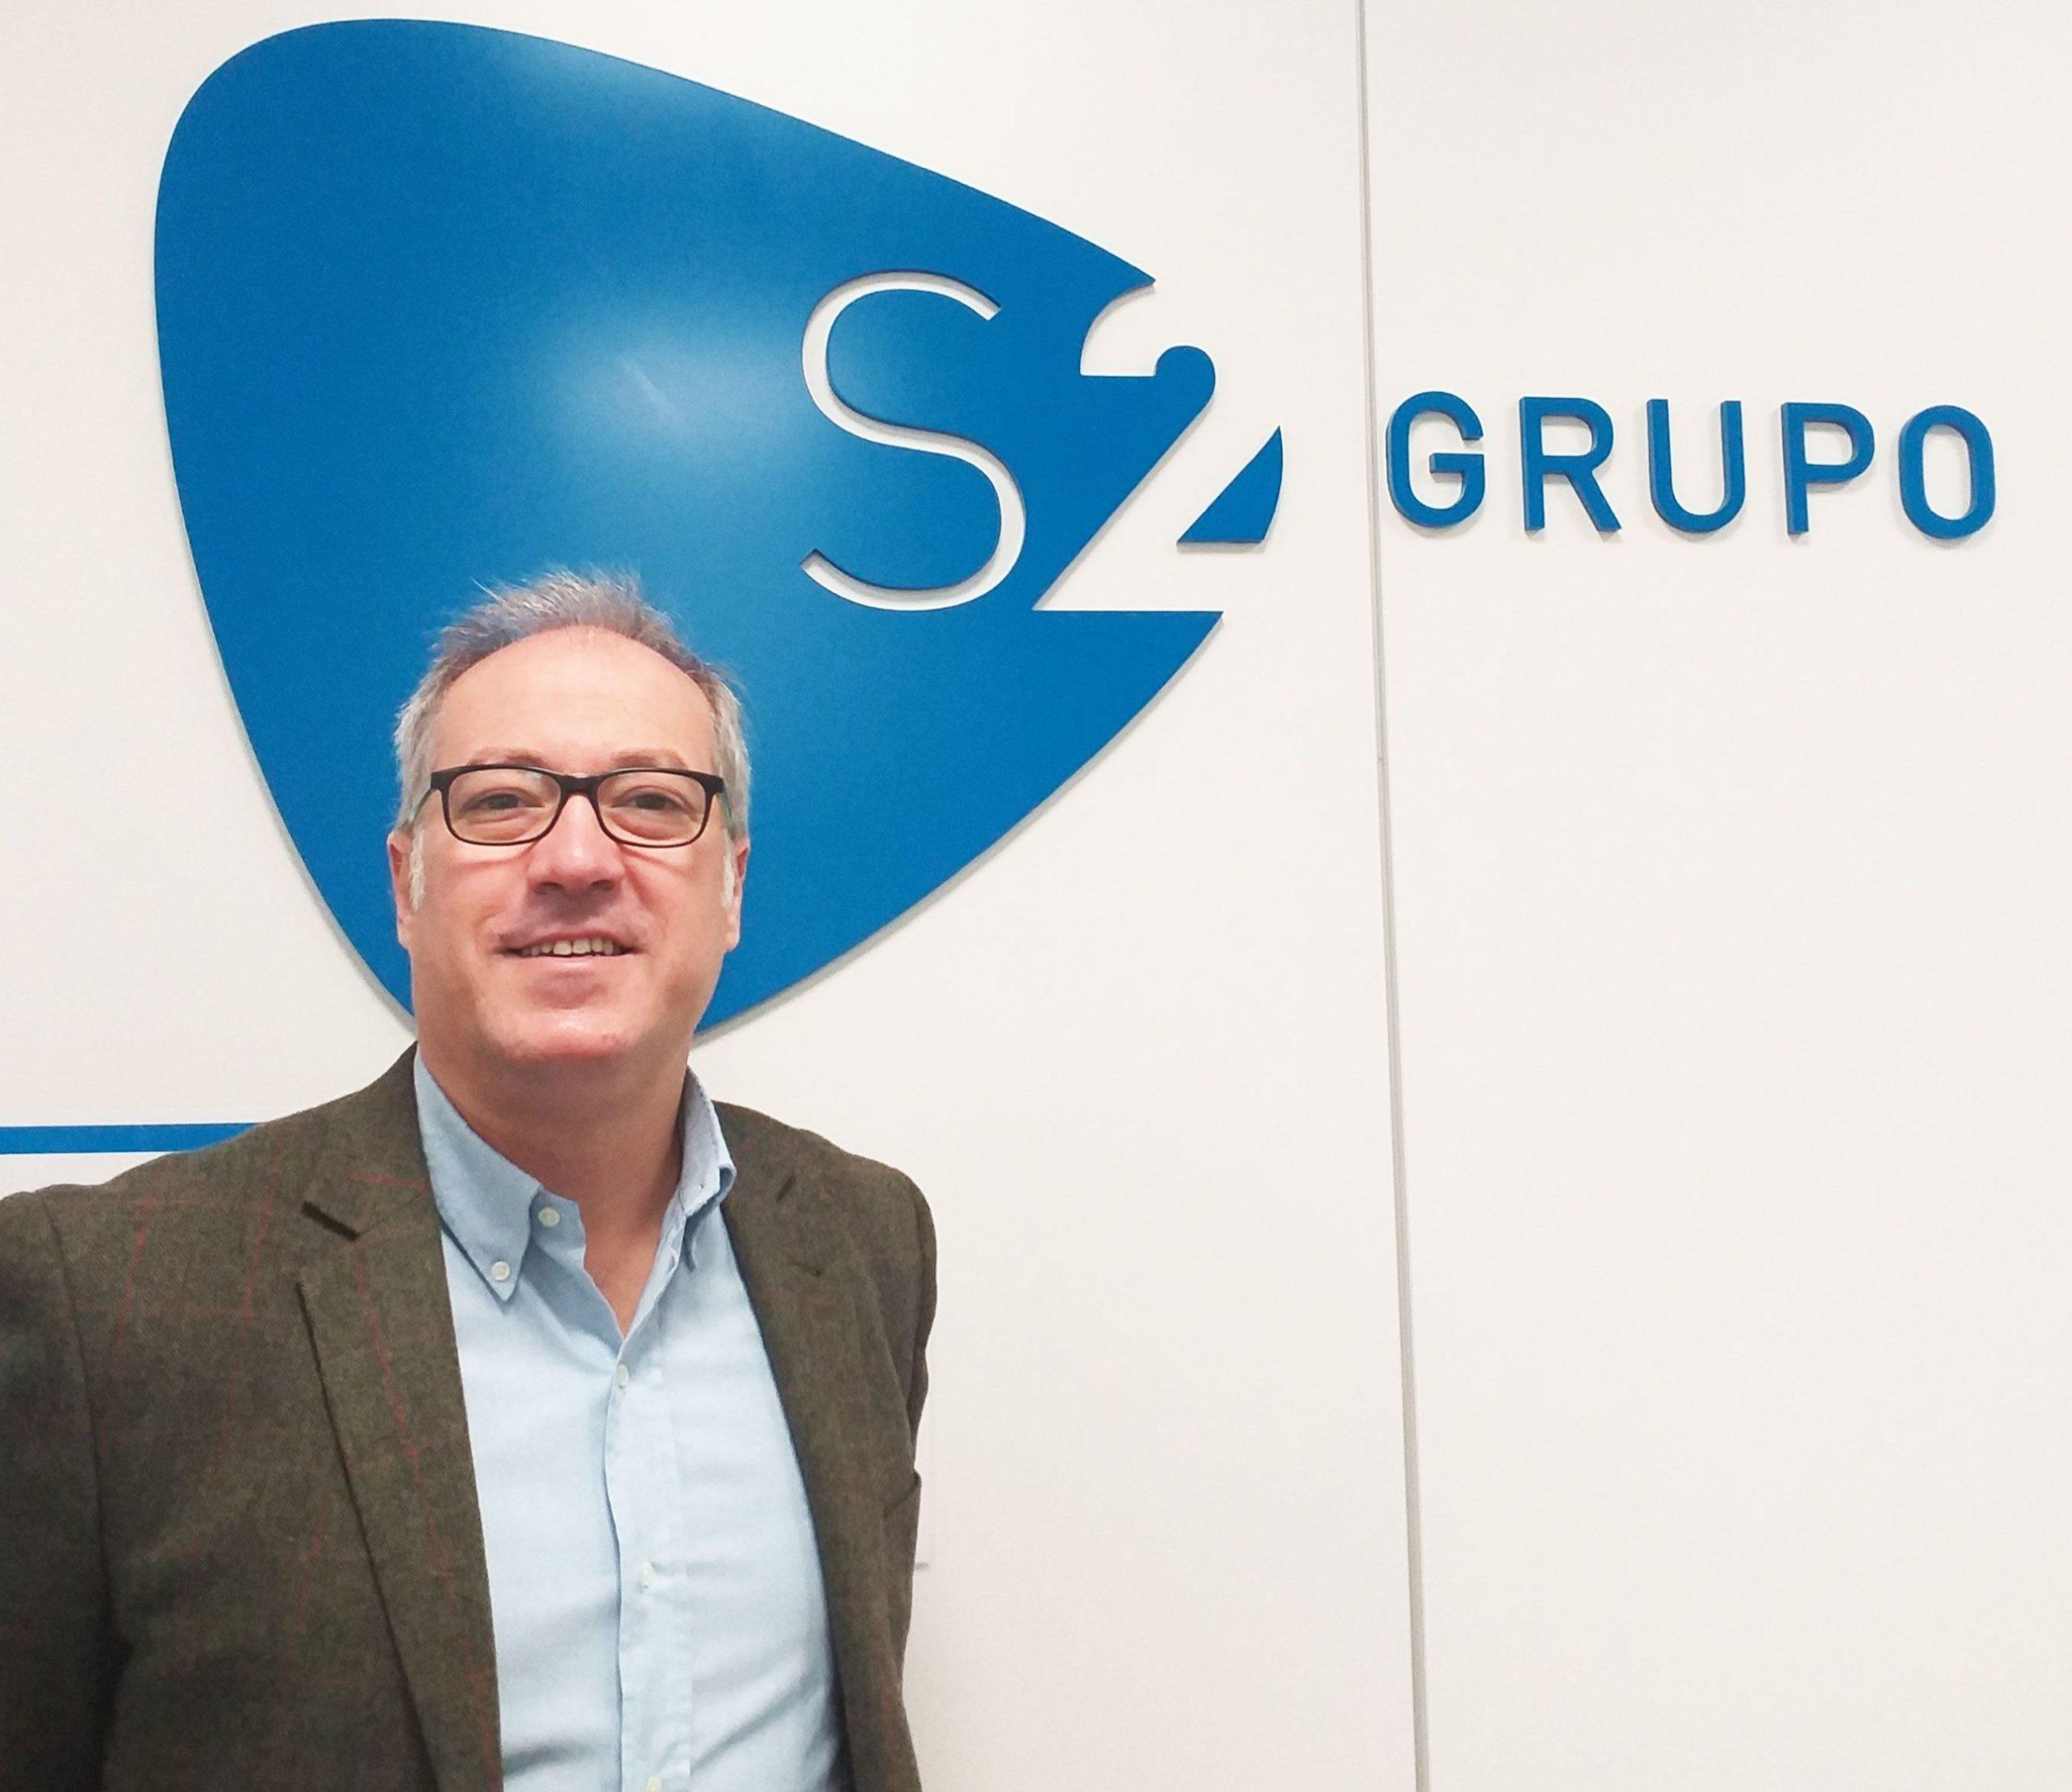 S2 Grupo refuerza las ventas en Madrid con la incorporación de Gonzalo Quintero